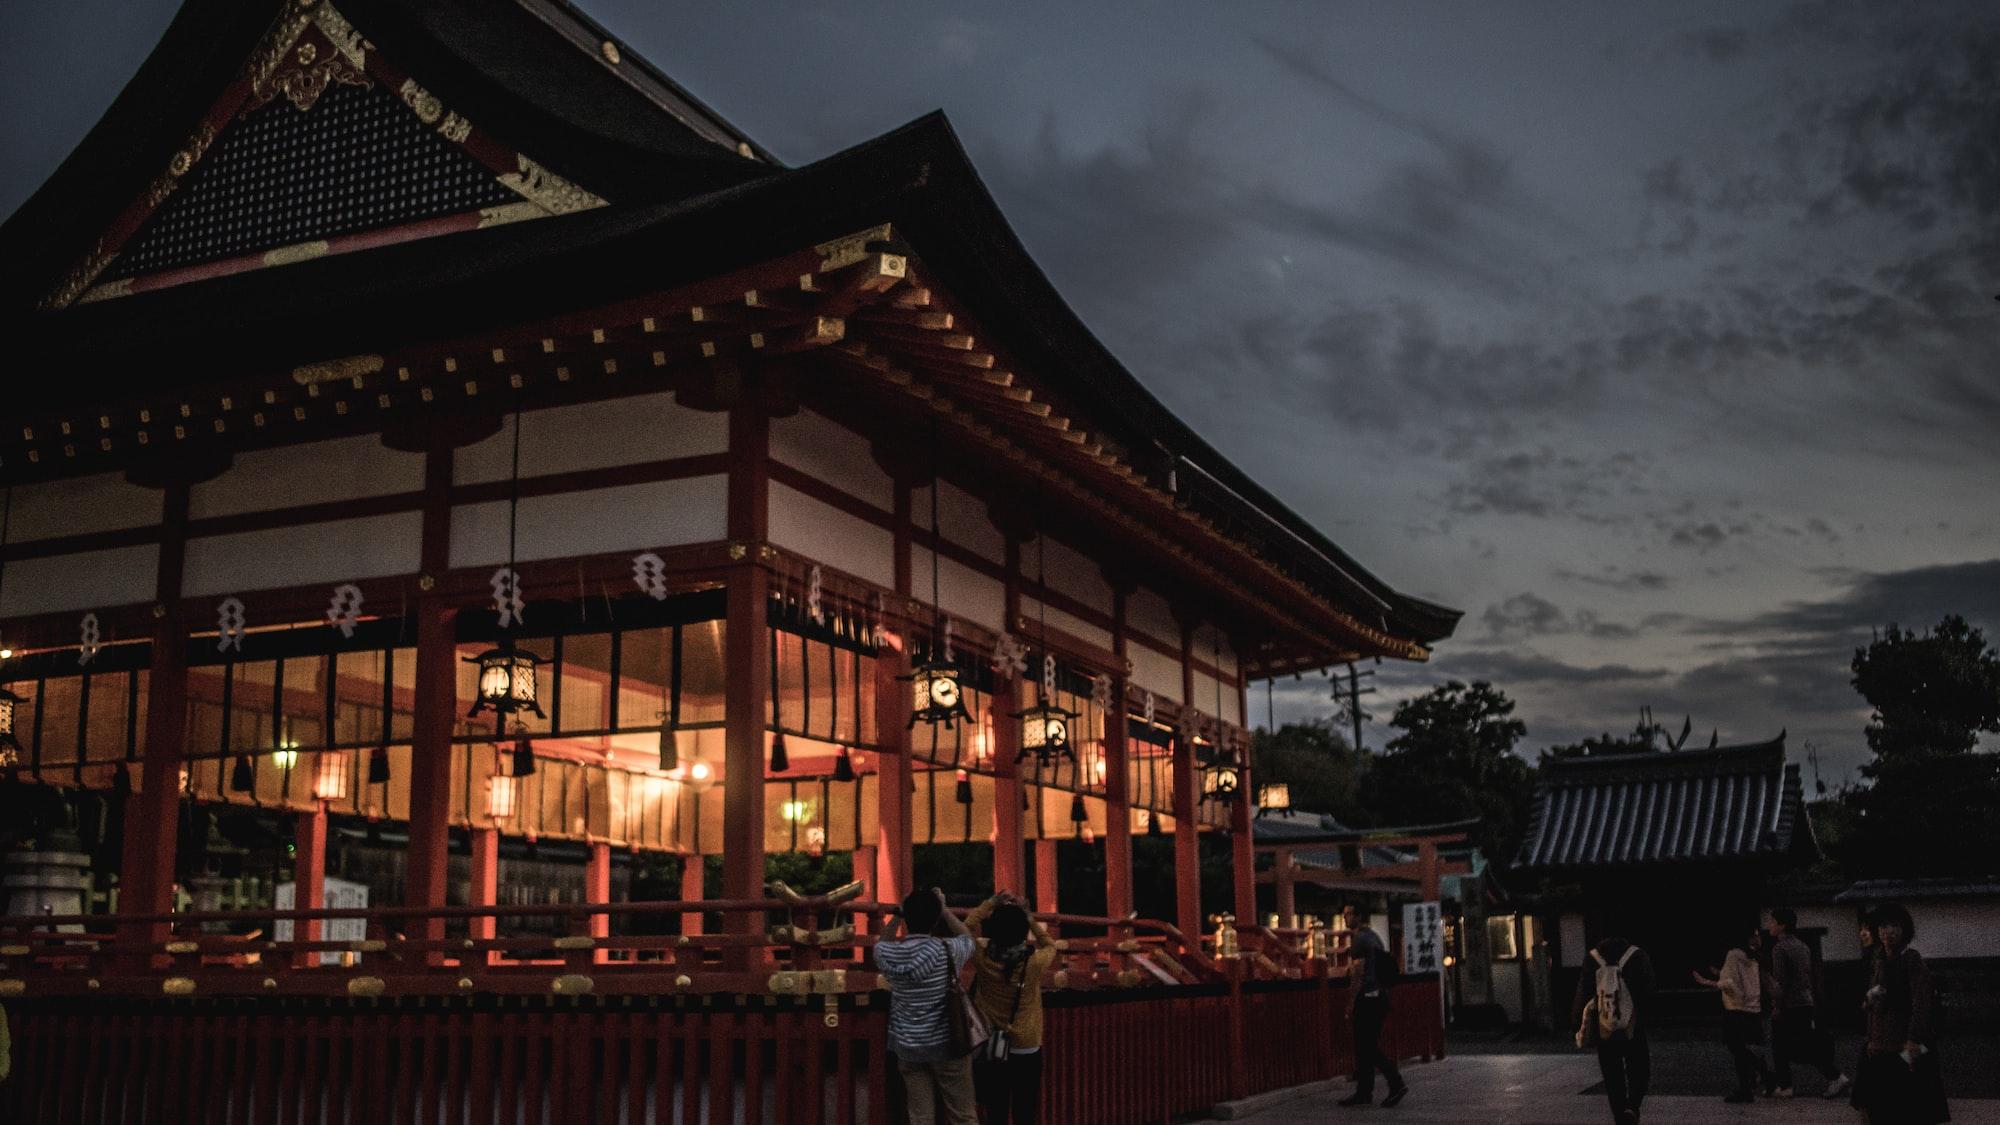 Beautiful night in Inari Shrine, Kyoto